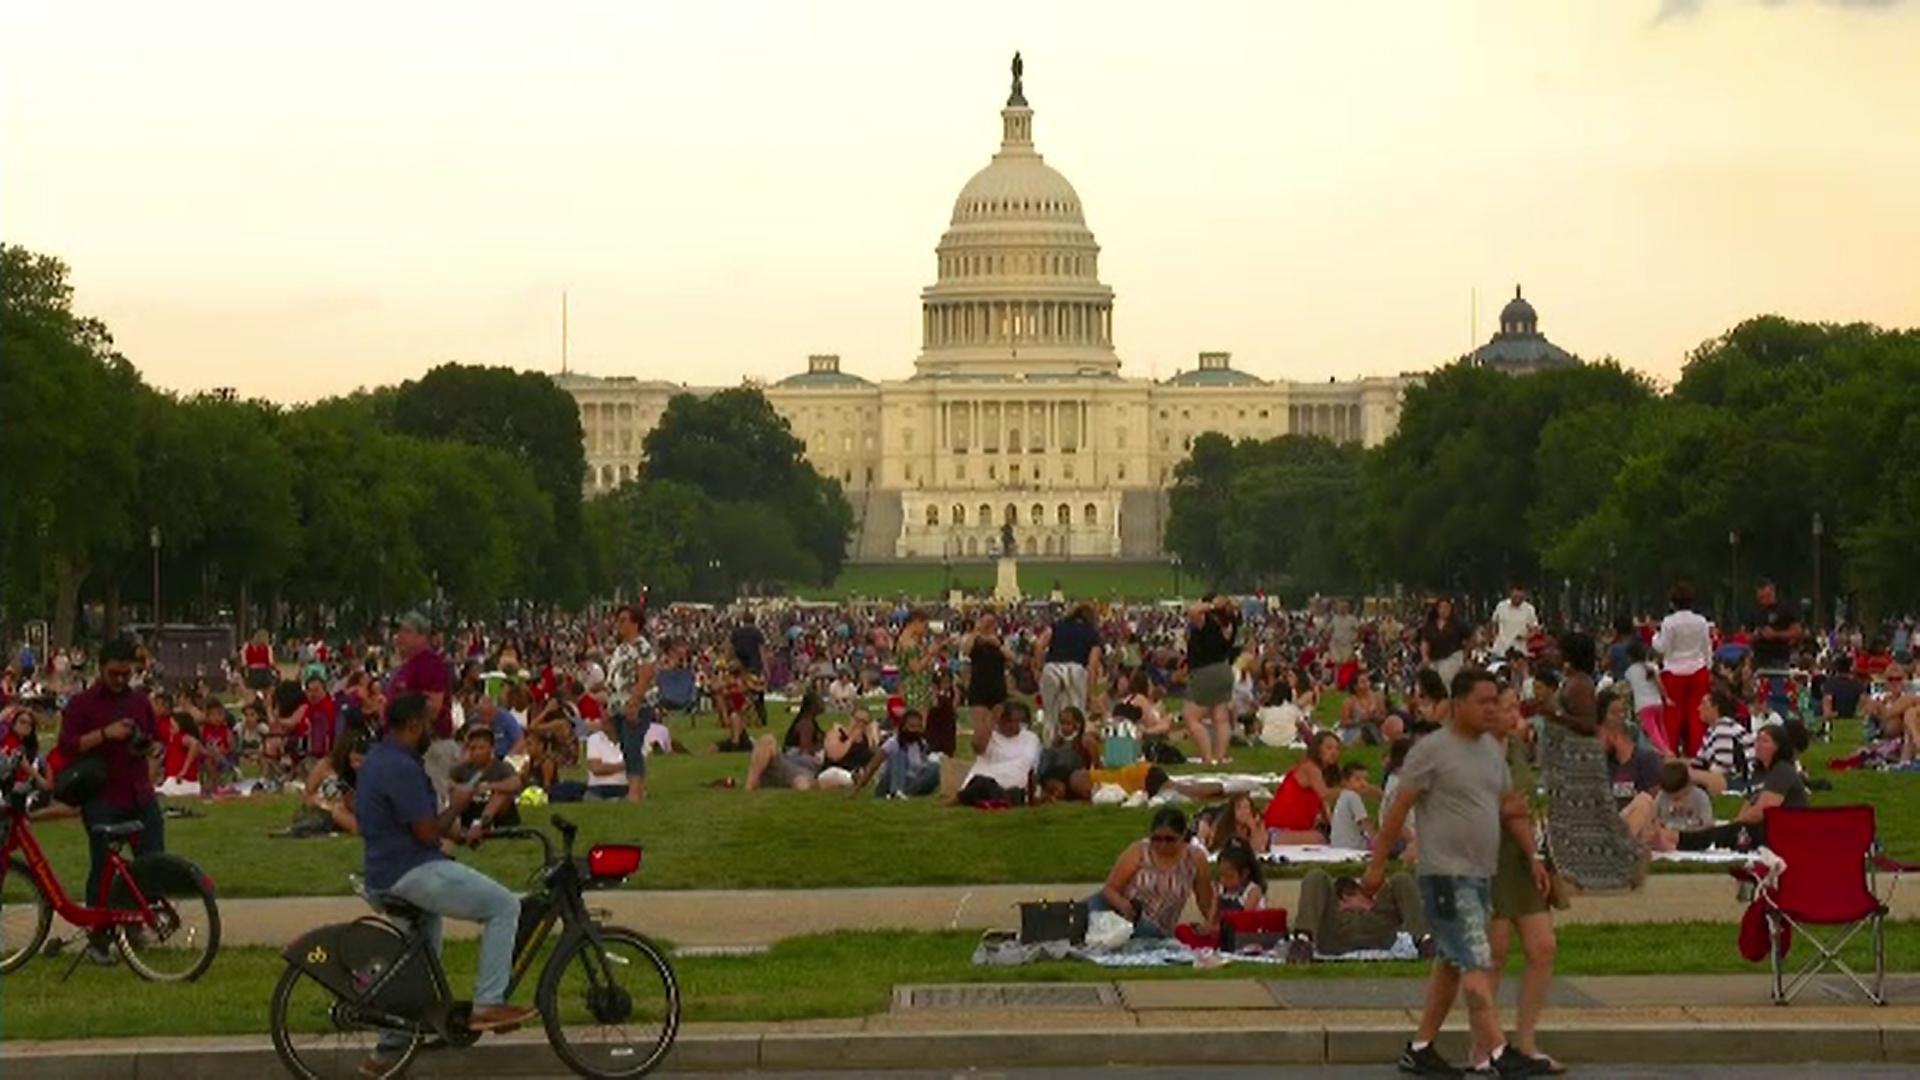 Ziua Independenţei în SUA. Preşedintele Biden a vorbit despre